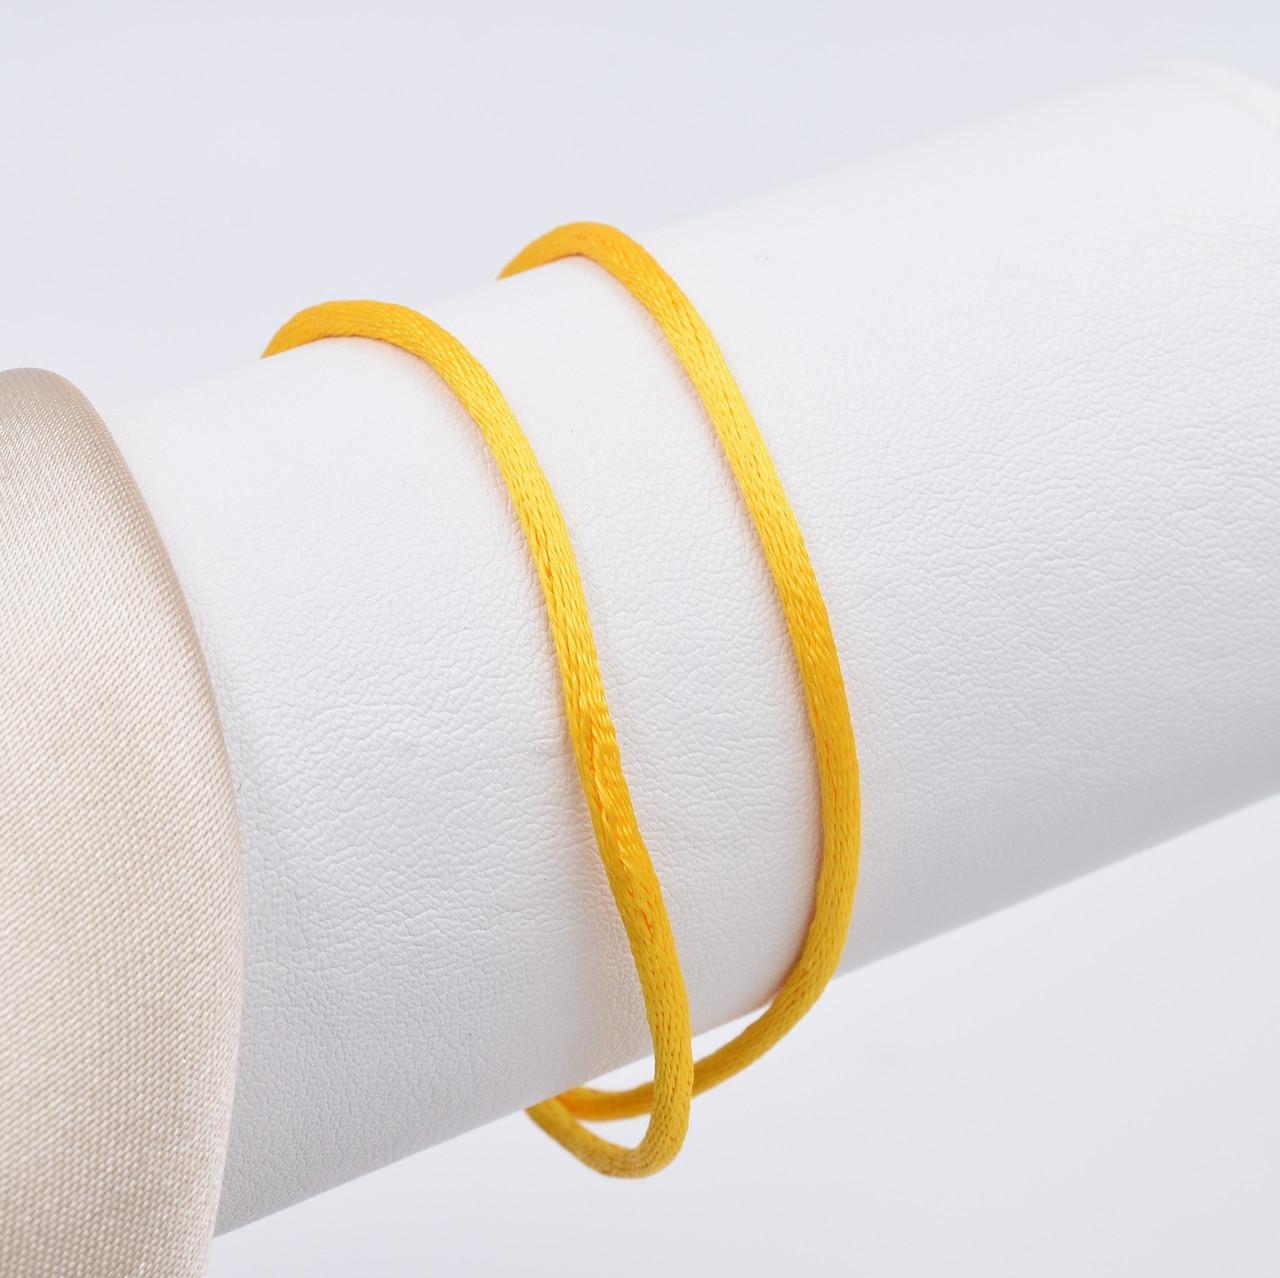 Шнурок шелковый цвет желтый длина 30 см ширина 2 мм вес серебра 0.7 г